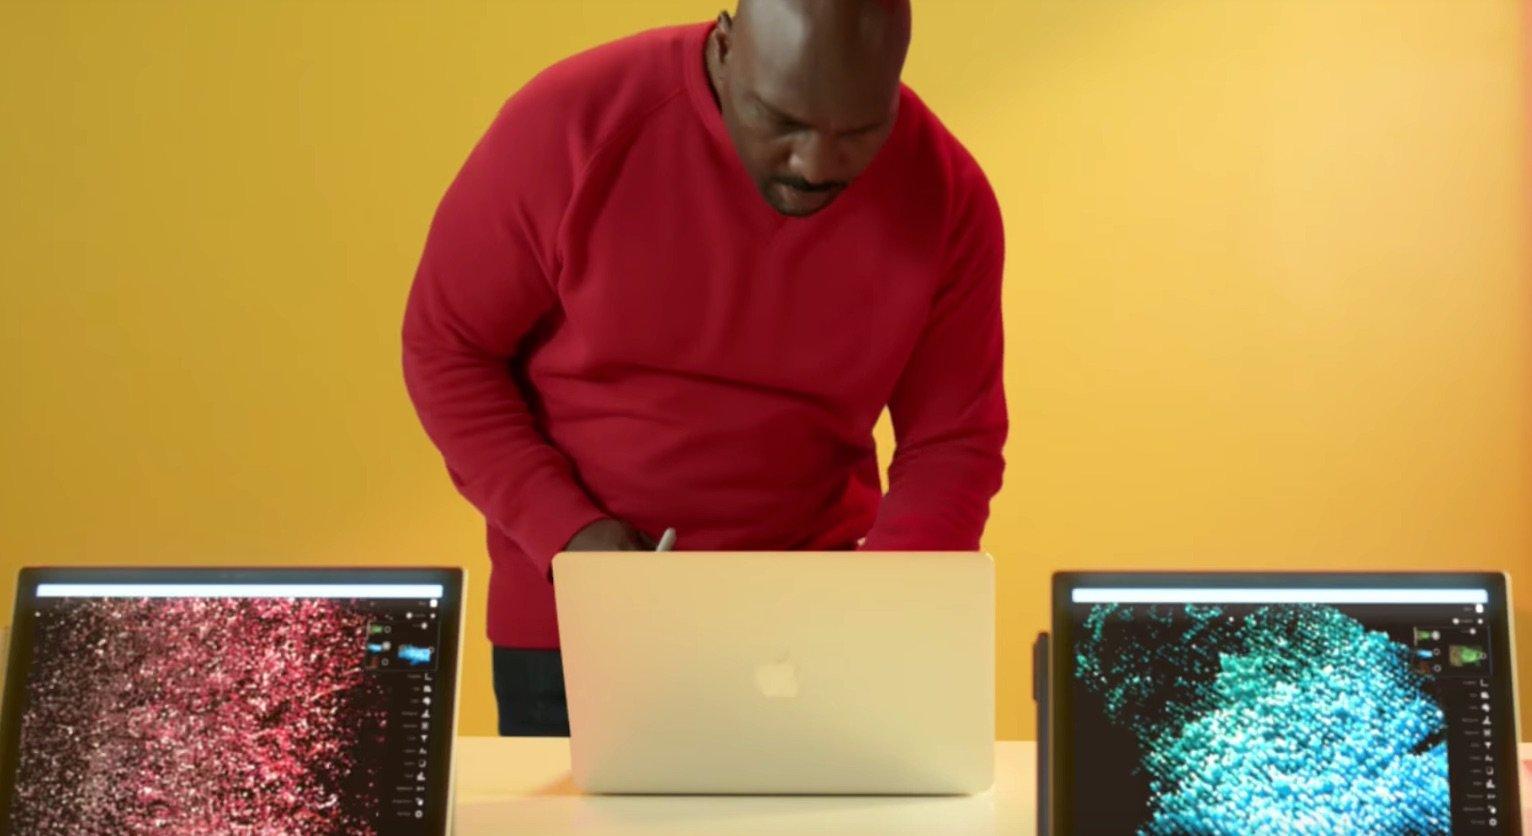 Microsoft Surface Pro 4: Microsoft Werbung stichelt weiter gegen das Apple MacBook 1